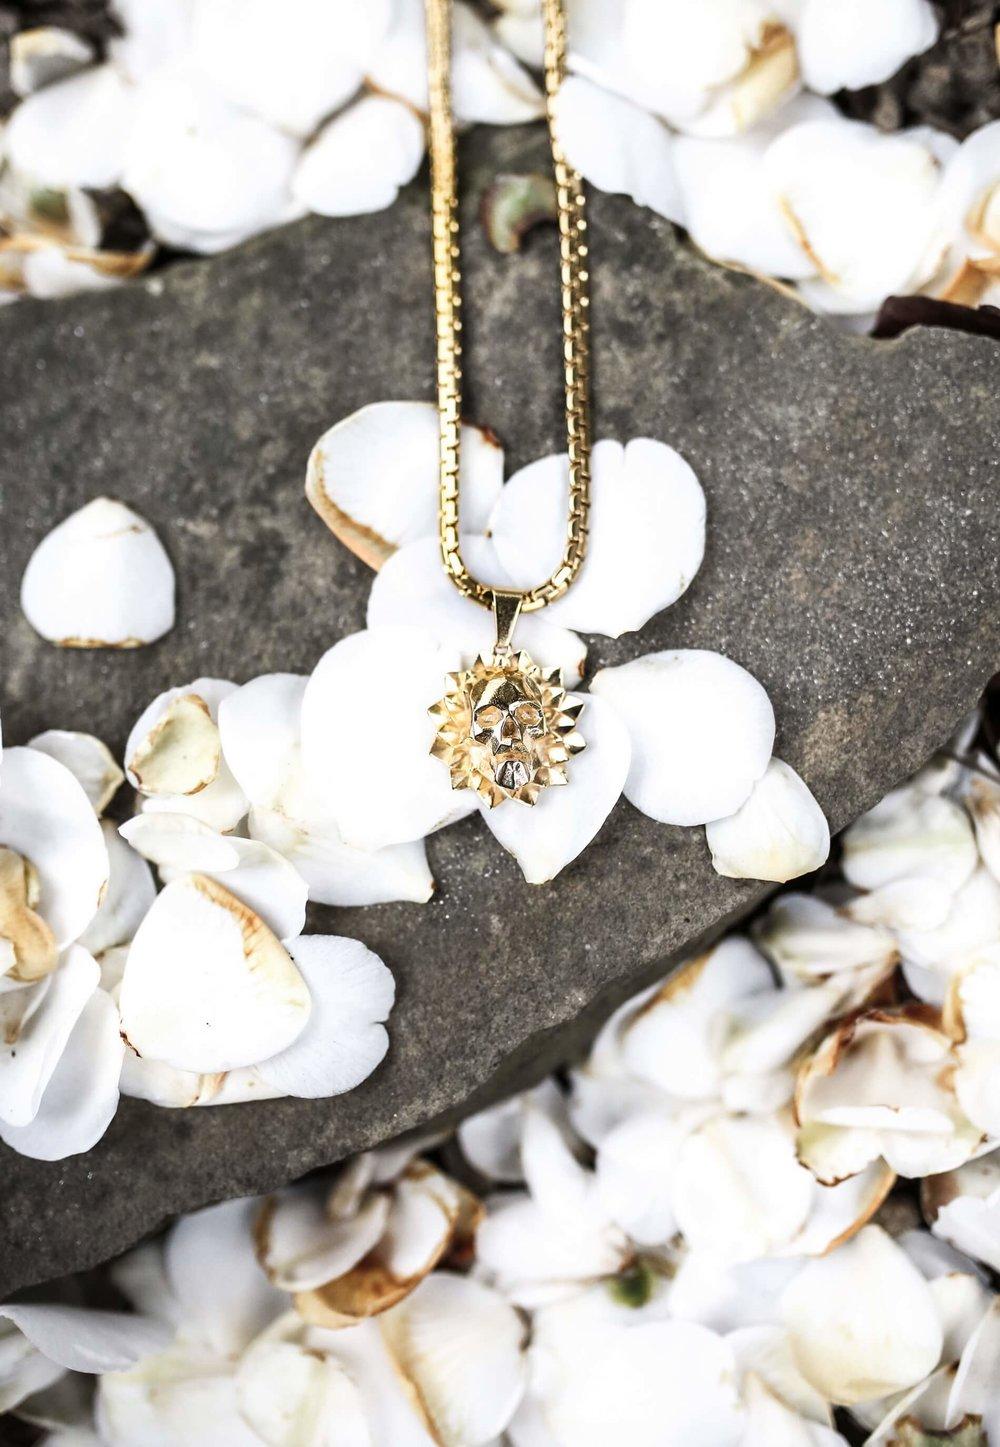 NDM-jewelry-pic-7.jpg